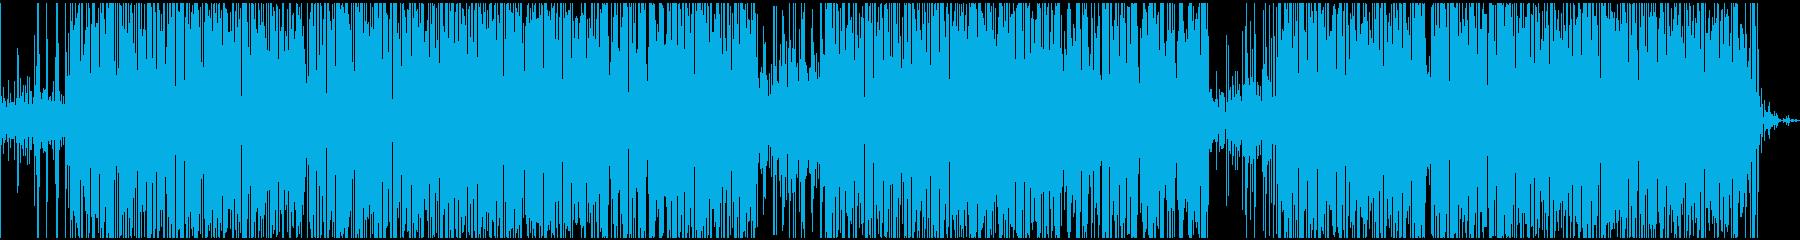 簡単でゆったりとしたクールなジャズ...の再生済みの波形